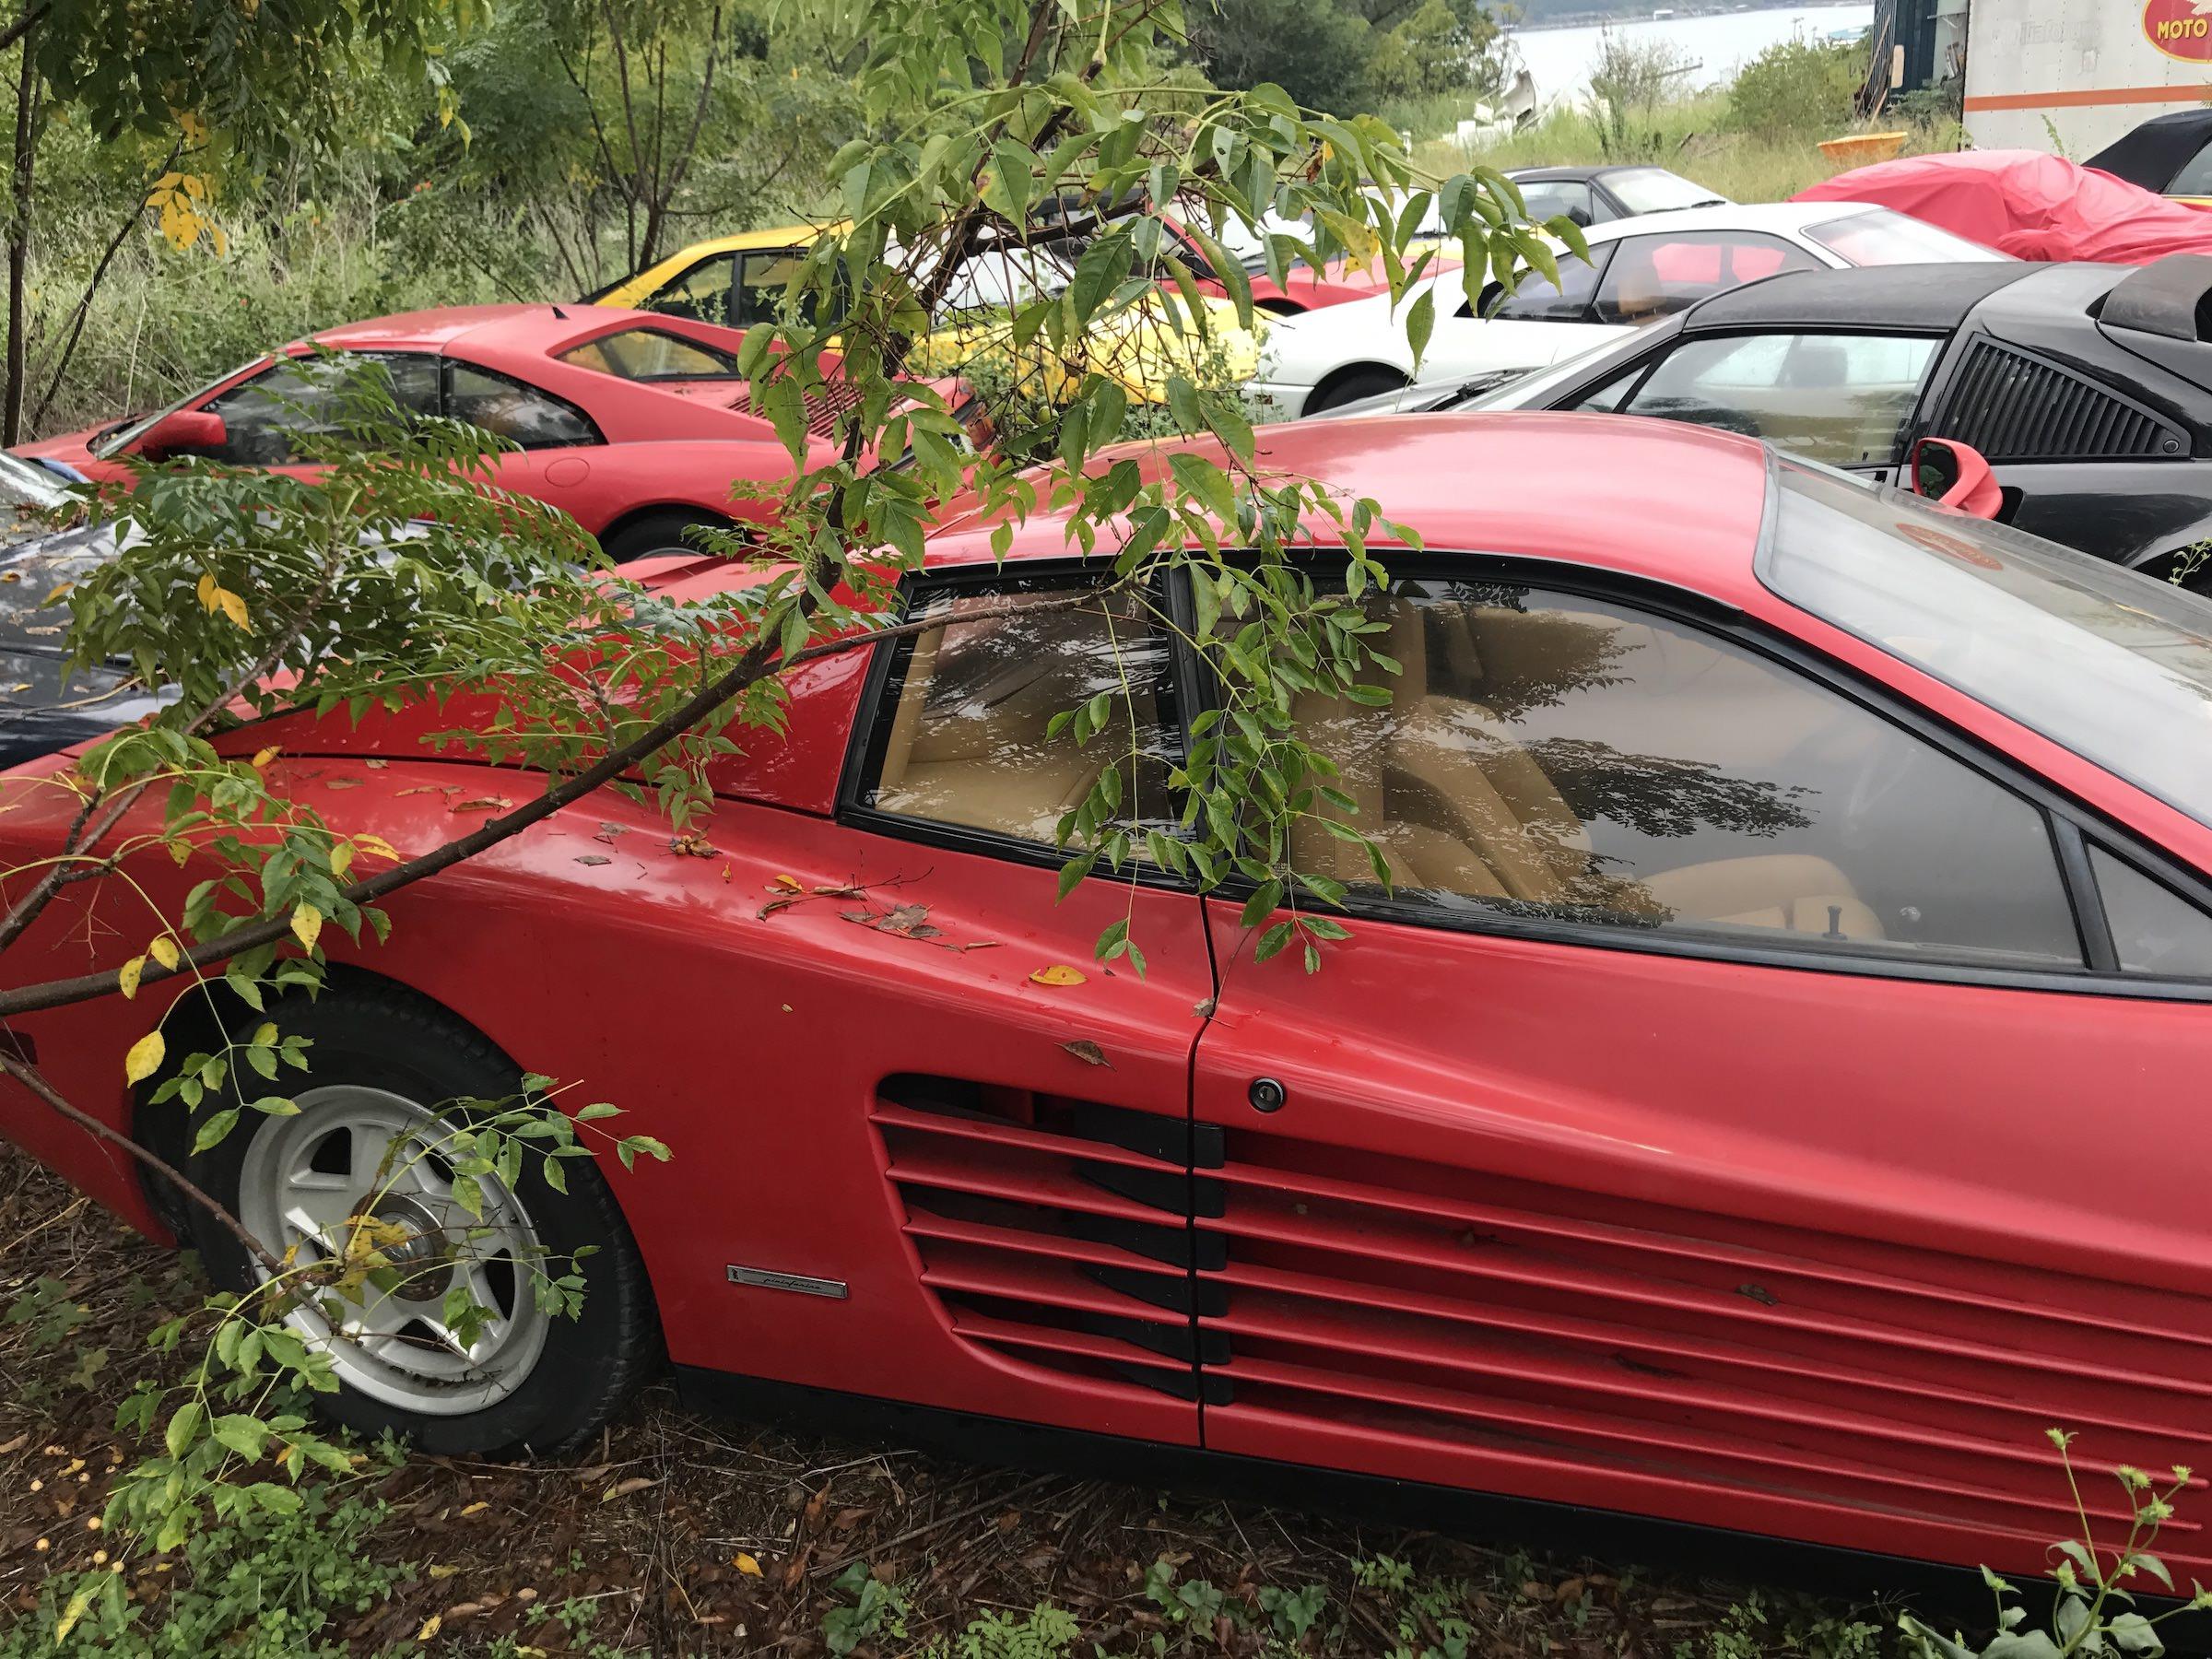 Abandoned Ferrari Testarossa 3